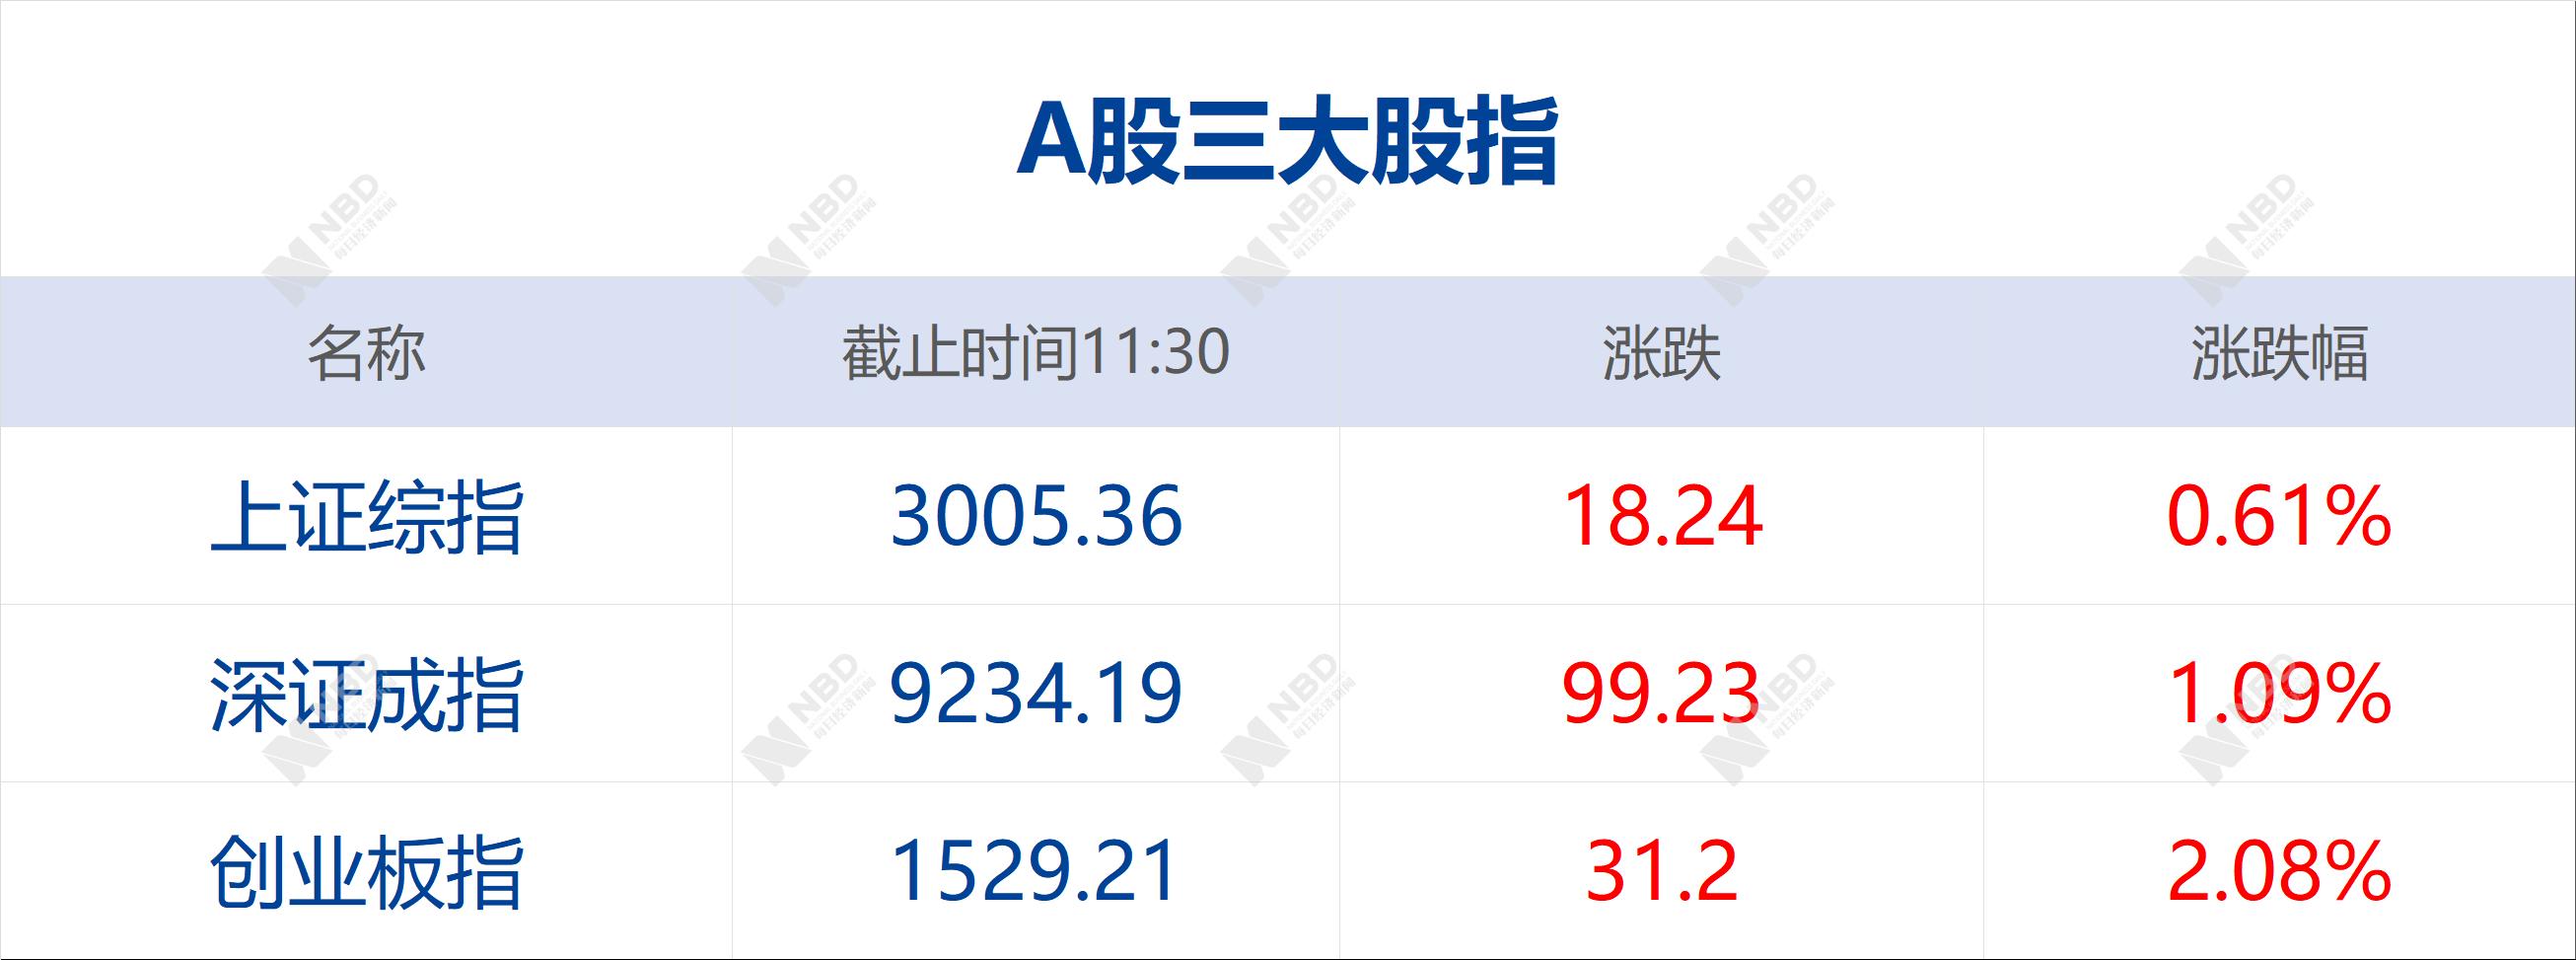 每经12点丨中国移动:6月25日召开5G+发布会;西